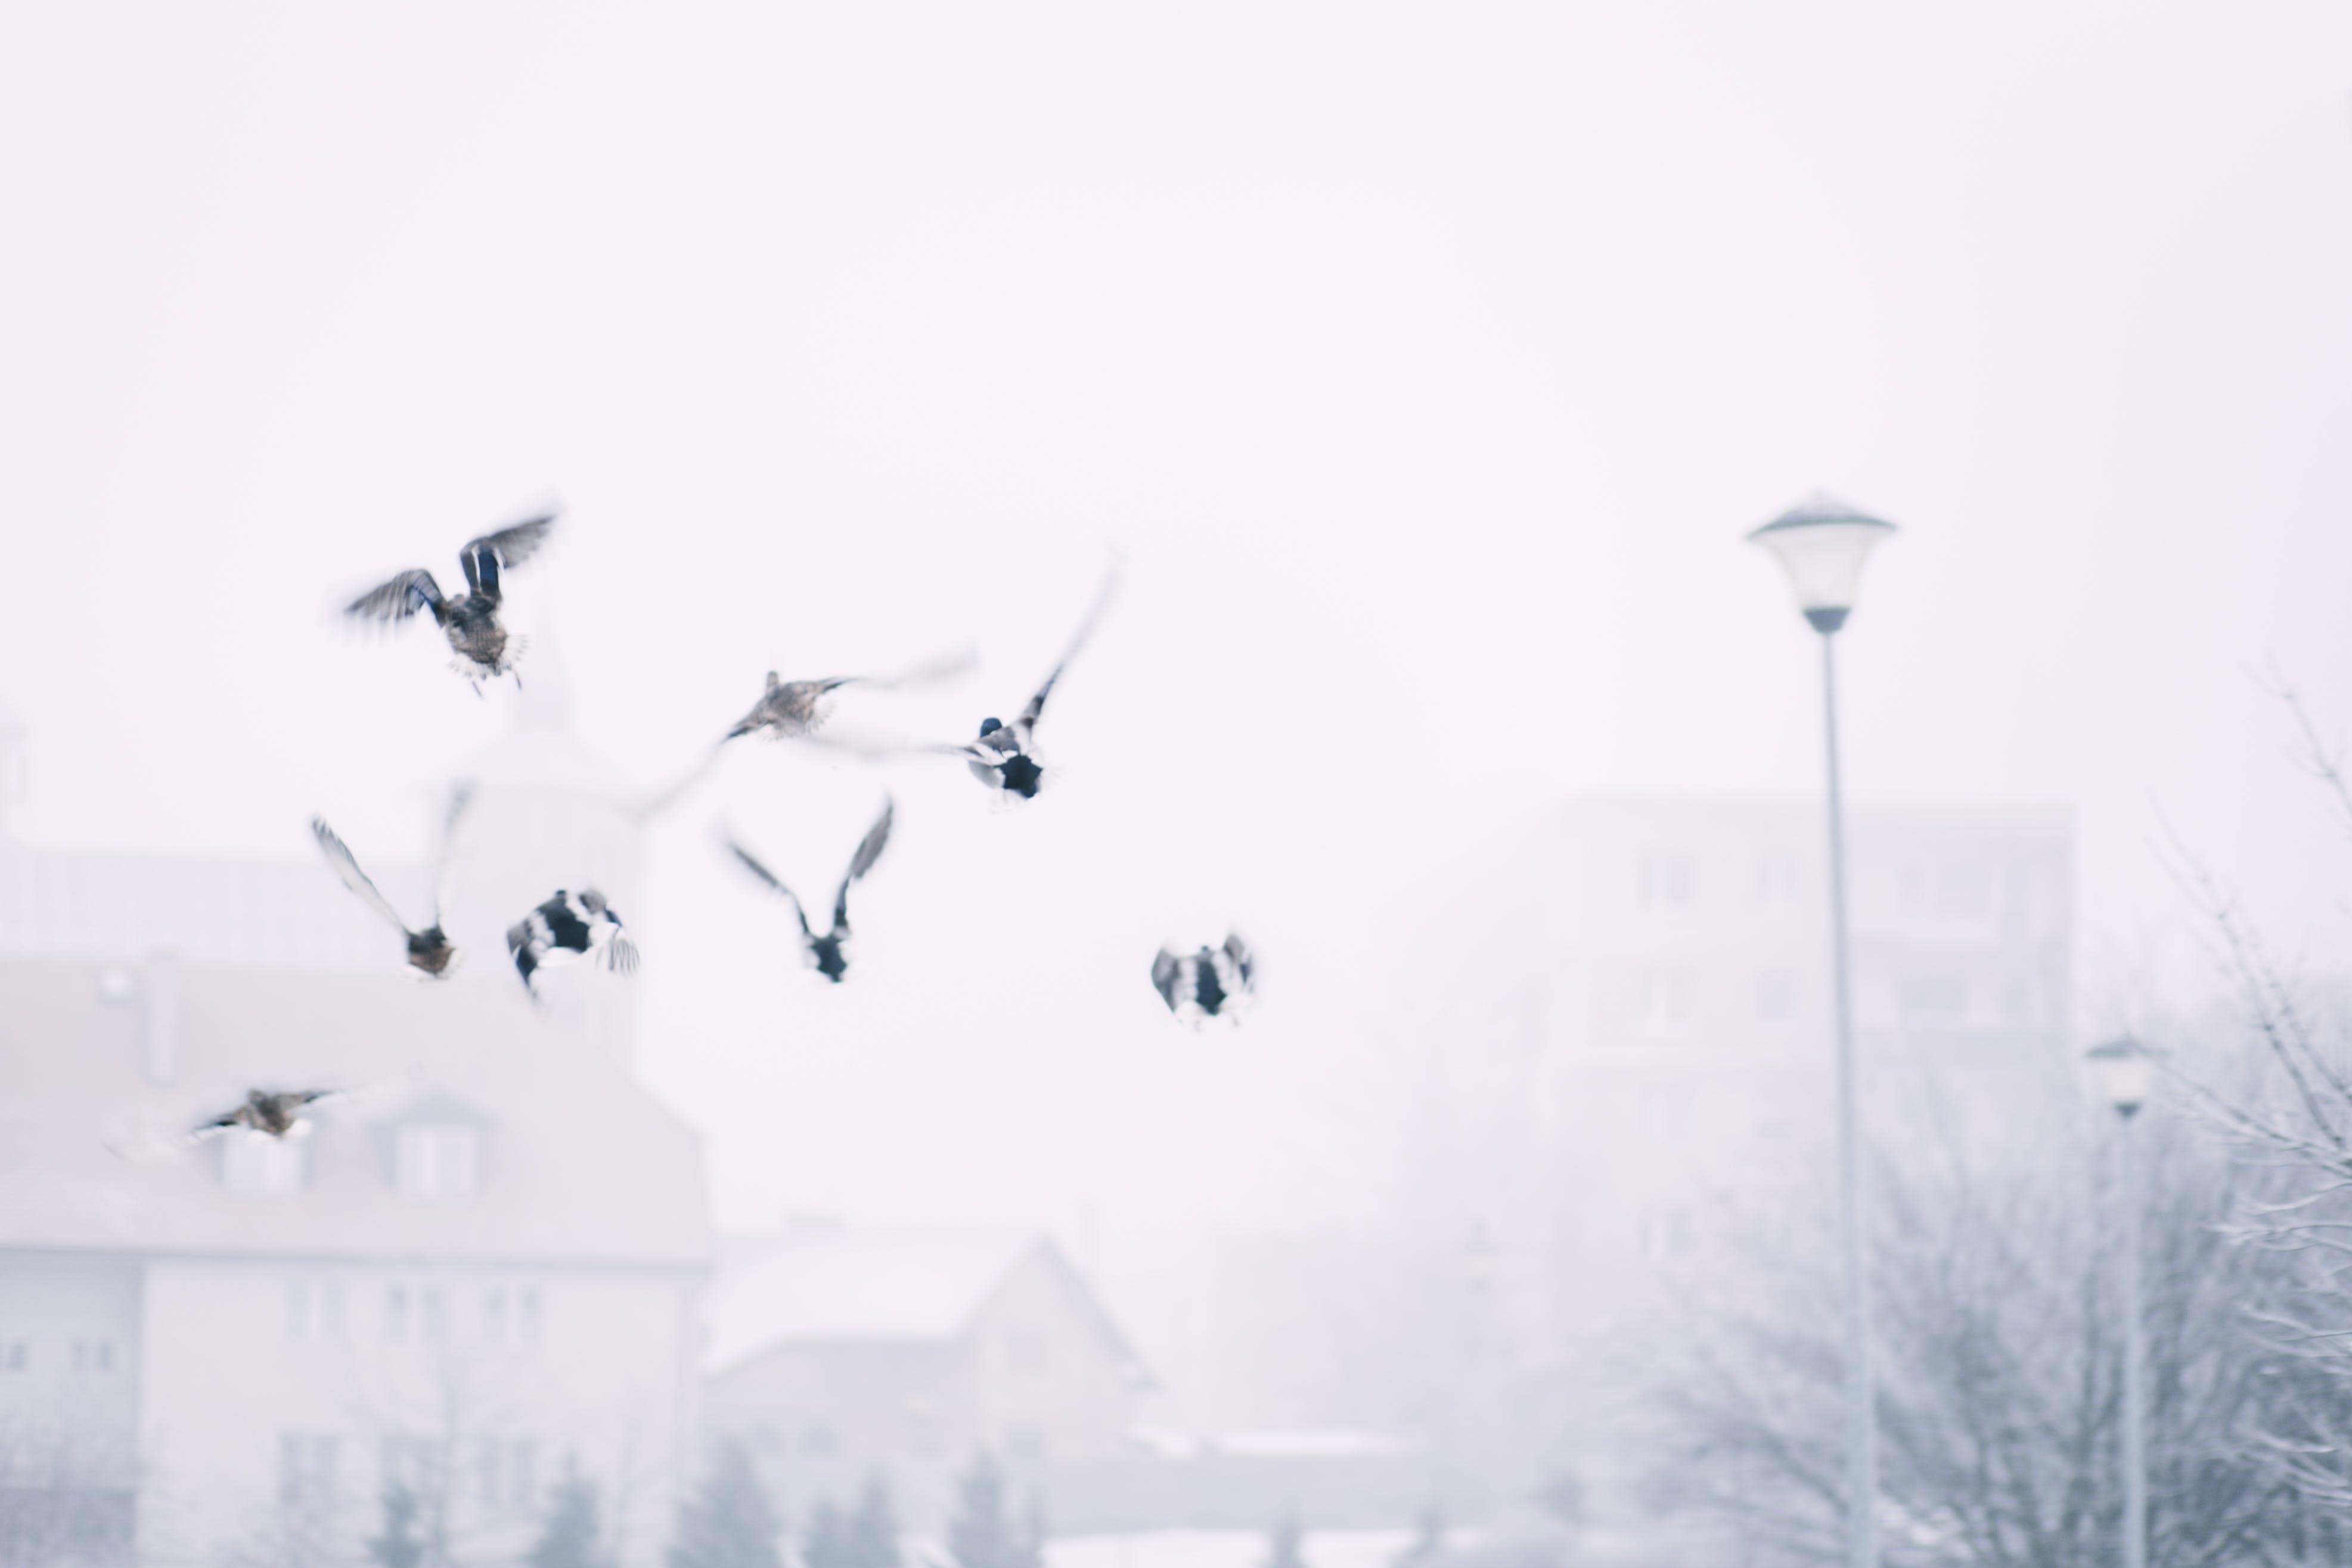 aksiyon, bulanıklık, gökyüzü, hareket içeren Ücretsiz stok fotoğraf